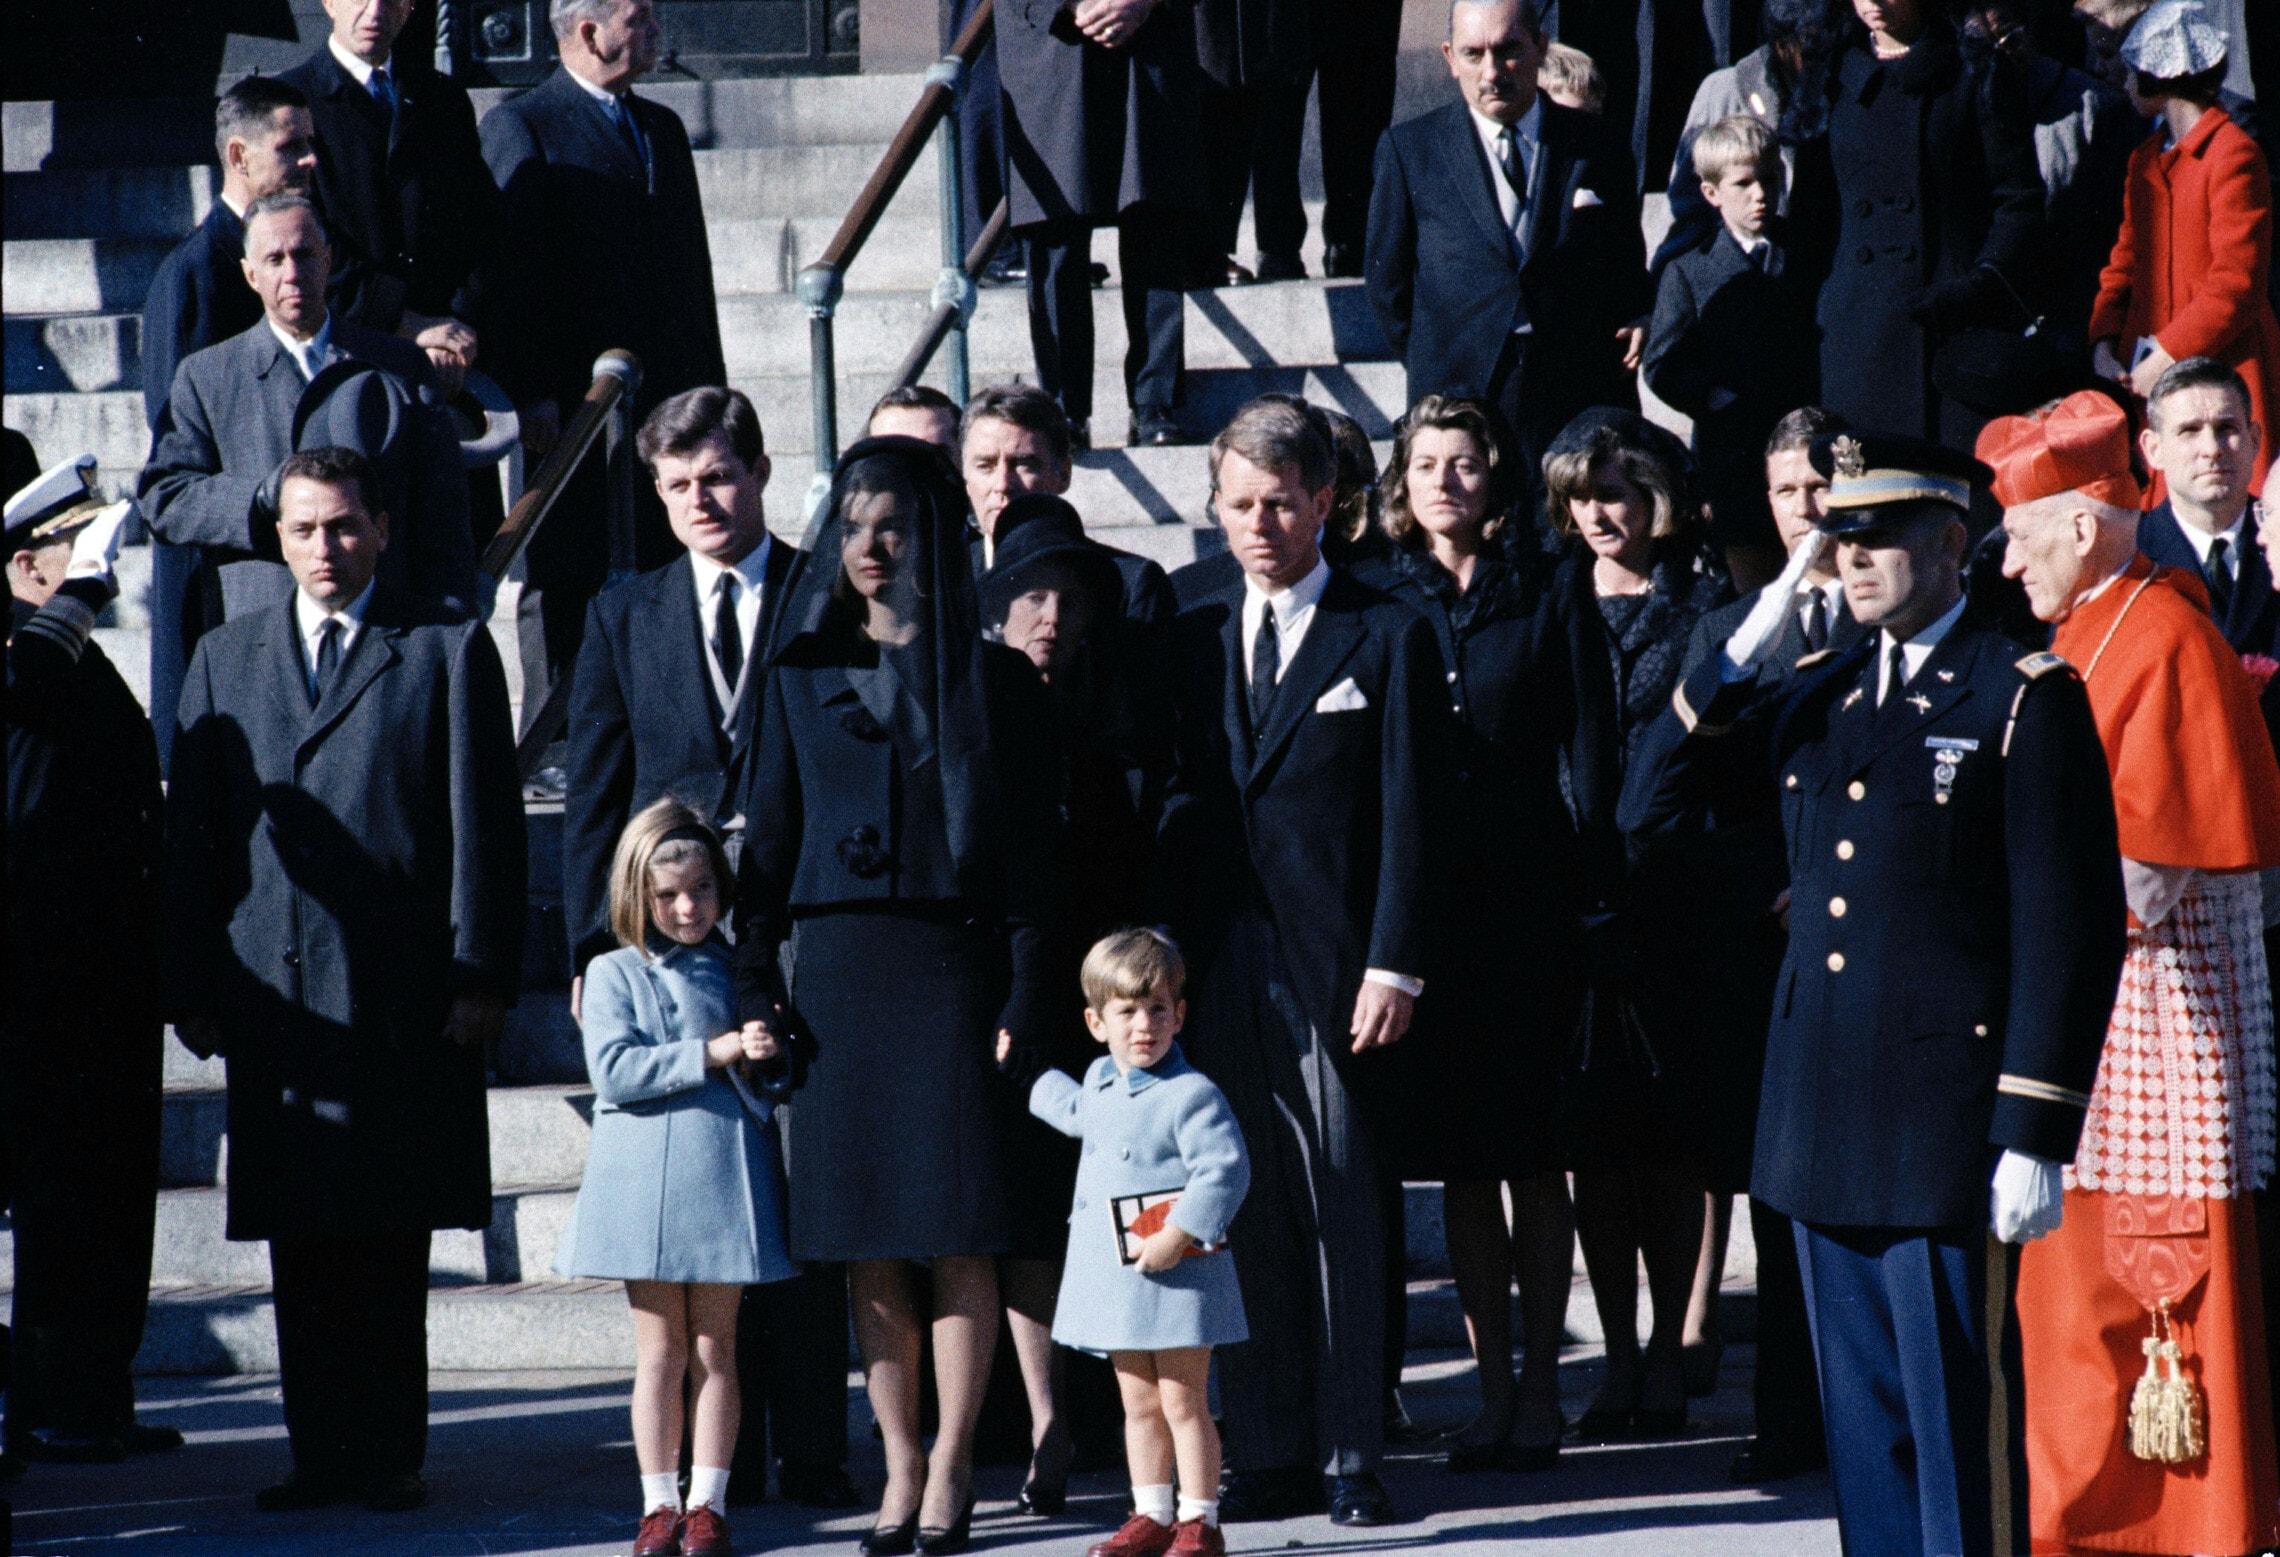 רוברט קנדי, ג'קי קנדי והילדים ג'ון ג'ון וקרוליין בהלווייתו של הנשיא ג'ון קנדי בקתדרלת סנט מתיו בוושינגטון הבירה, 25 בנובמבר 1963 (צילום: AP Photo)